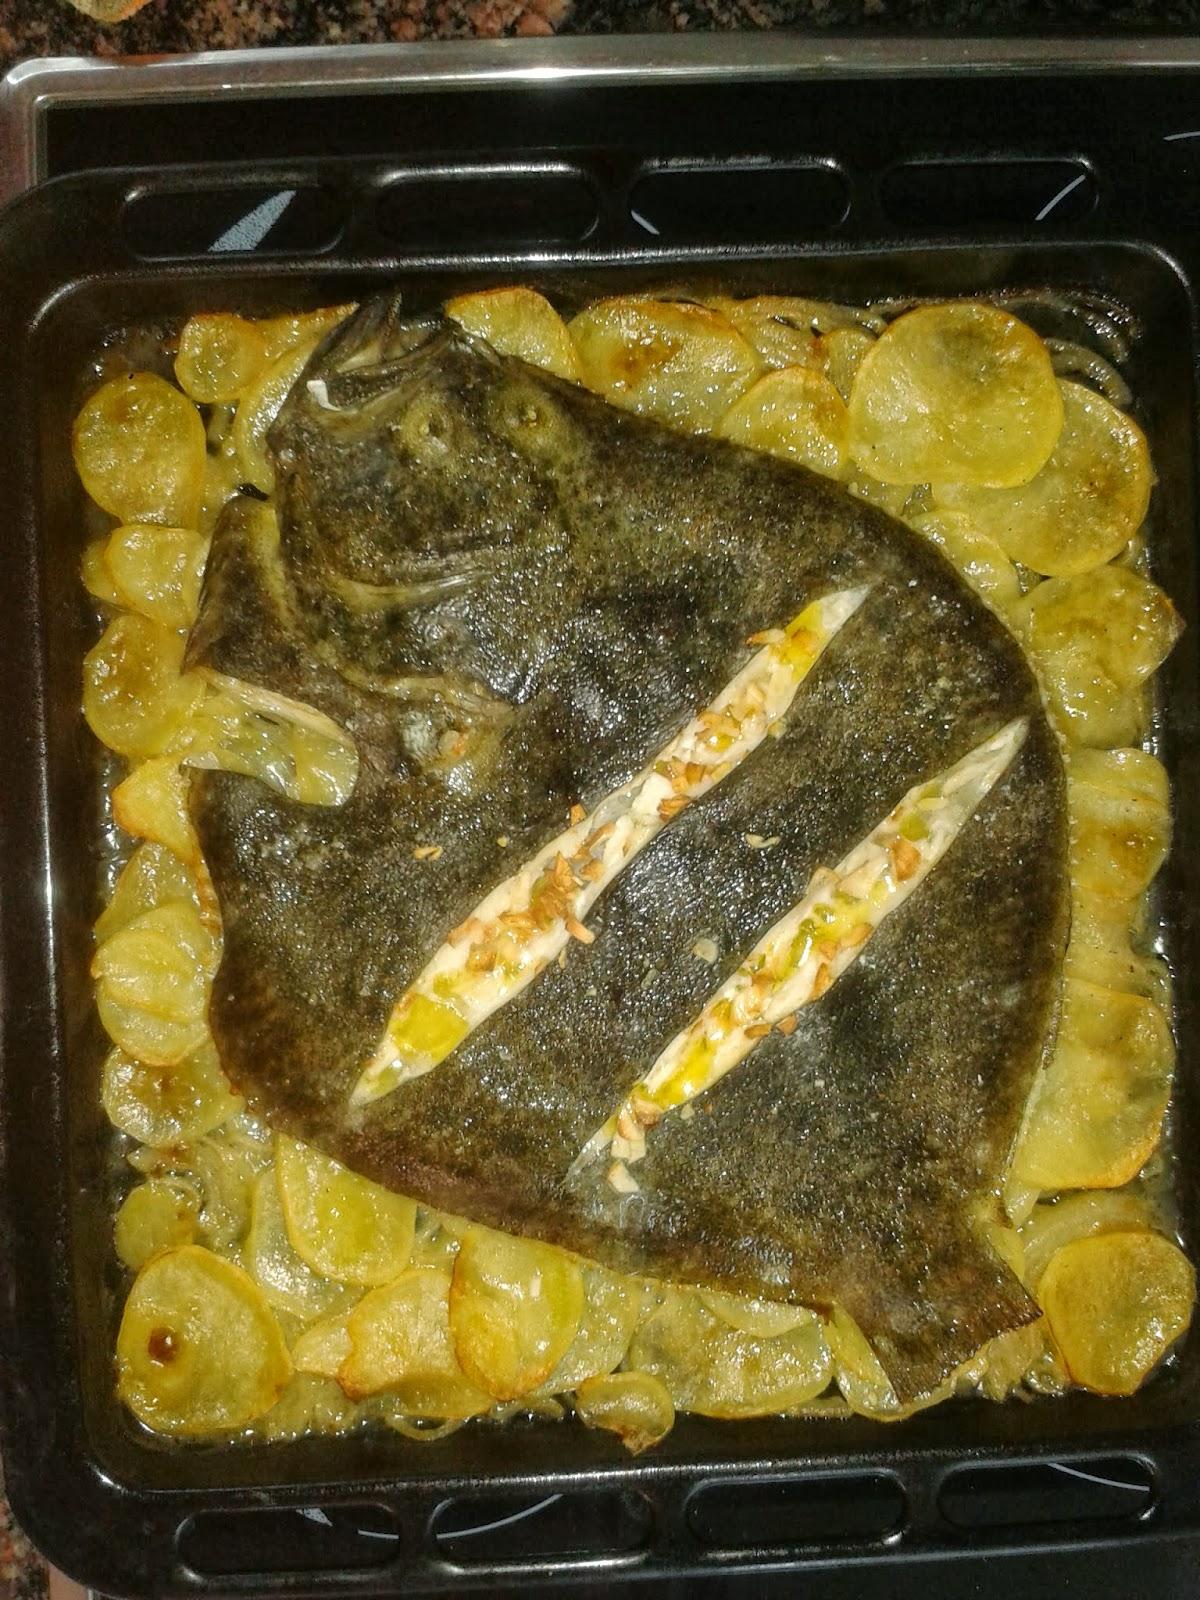 Bonito como cocinar rodaballo al horno im genes - Cocinar vieiras al horno ...